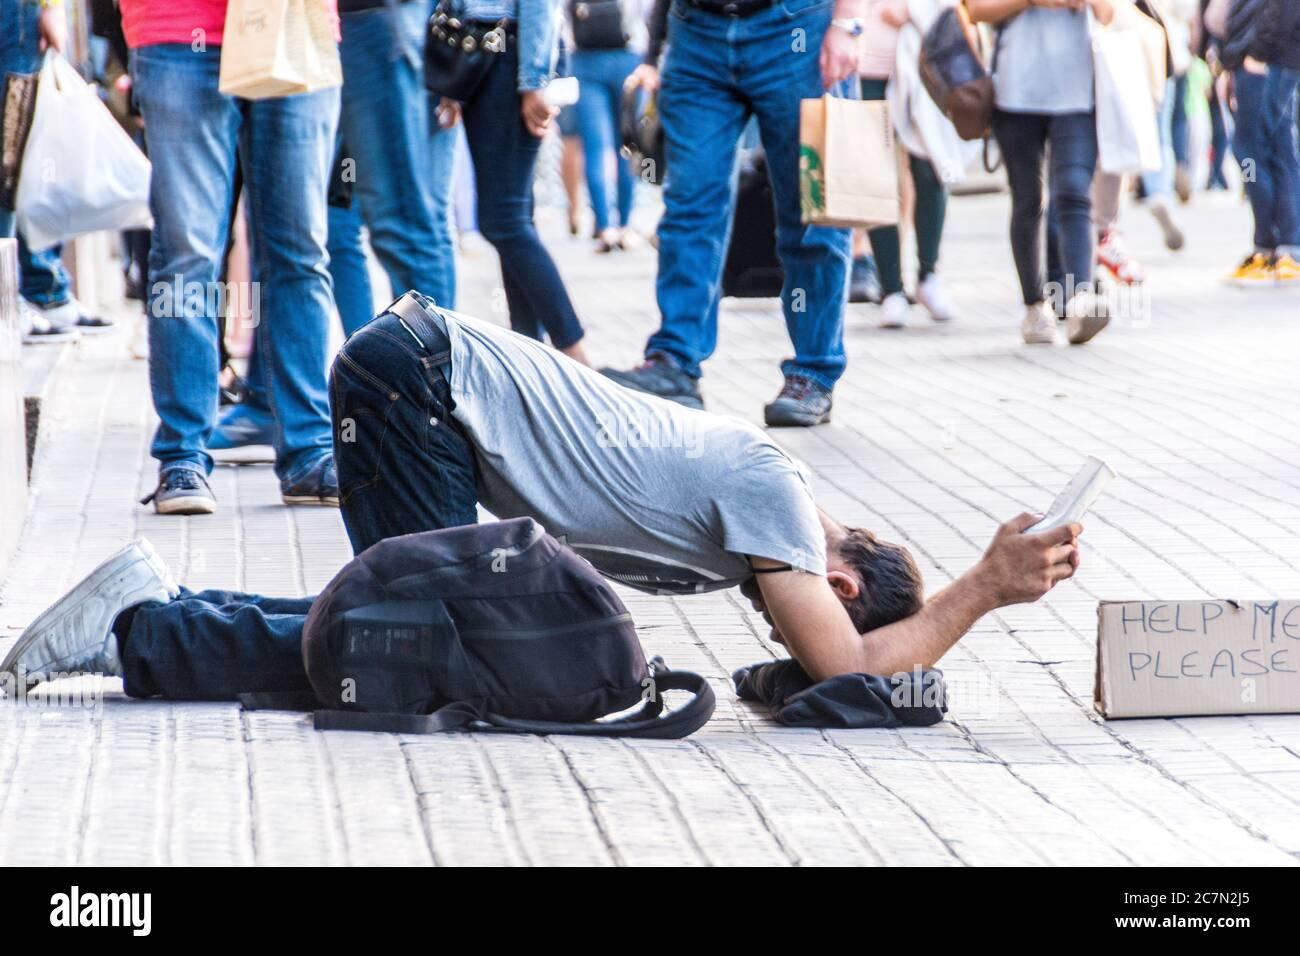 Ein obdachloser junger Mann mit einem Rückzieher mit einem Schild, das besagt: 'Hilf mir bitte', Barcelona, Spanien. Stockfoto